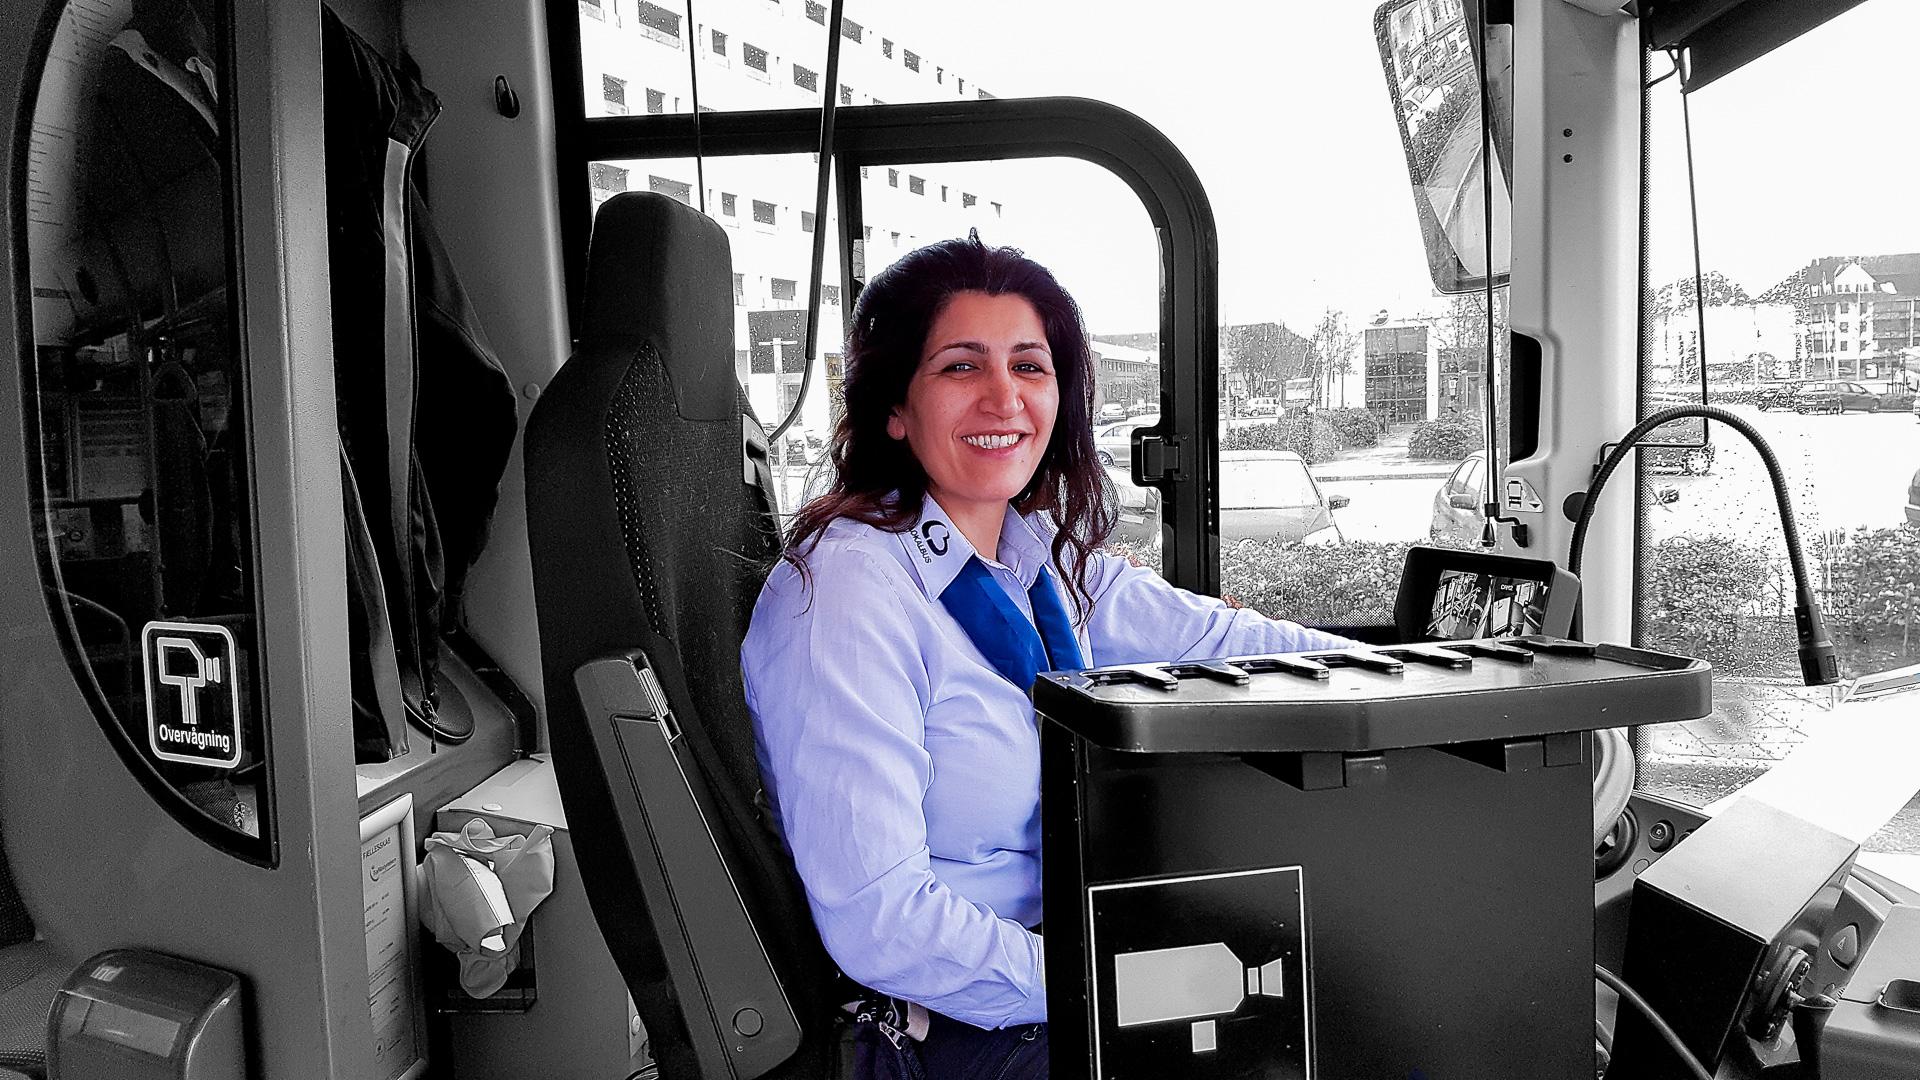 CardioLab_sikre_trafikken_med_sunde_buschauffører